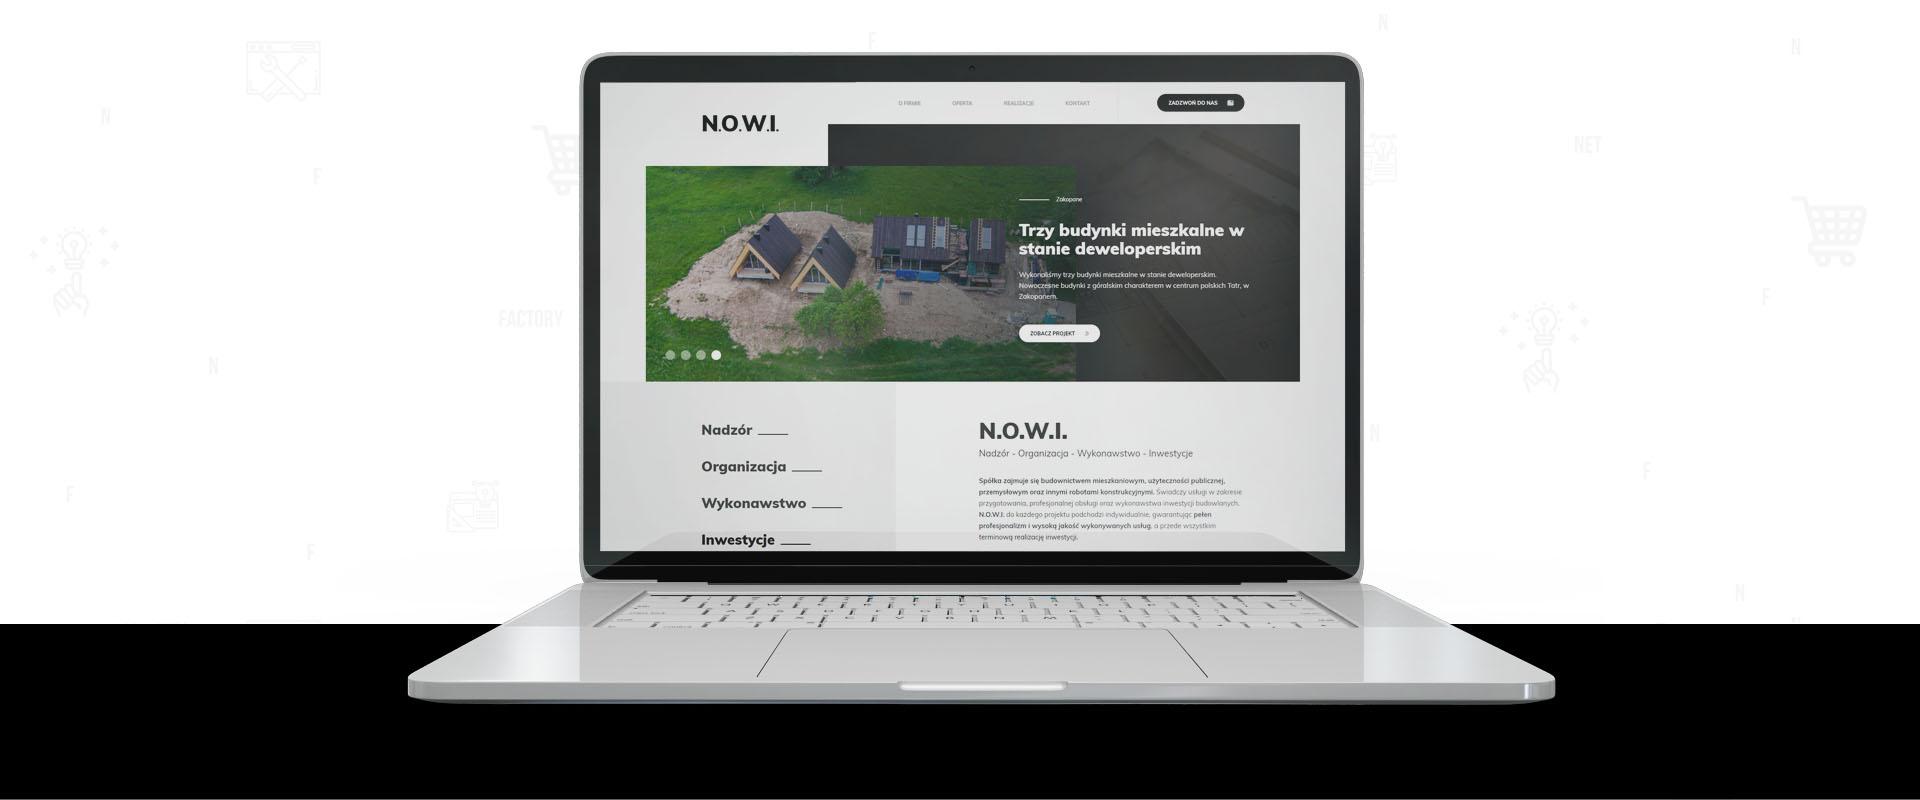 Responsywna strona internetowa dla N.O.W.I. Sp. z o.o. Sp. k.